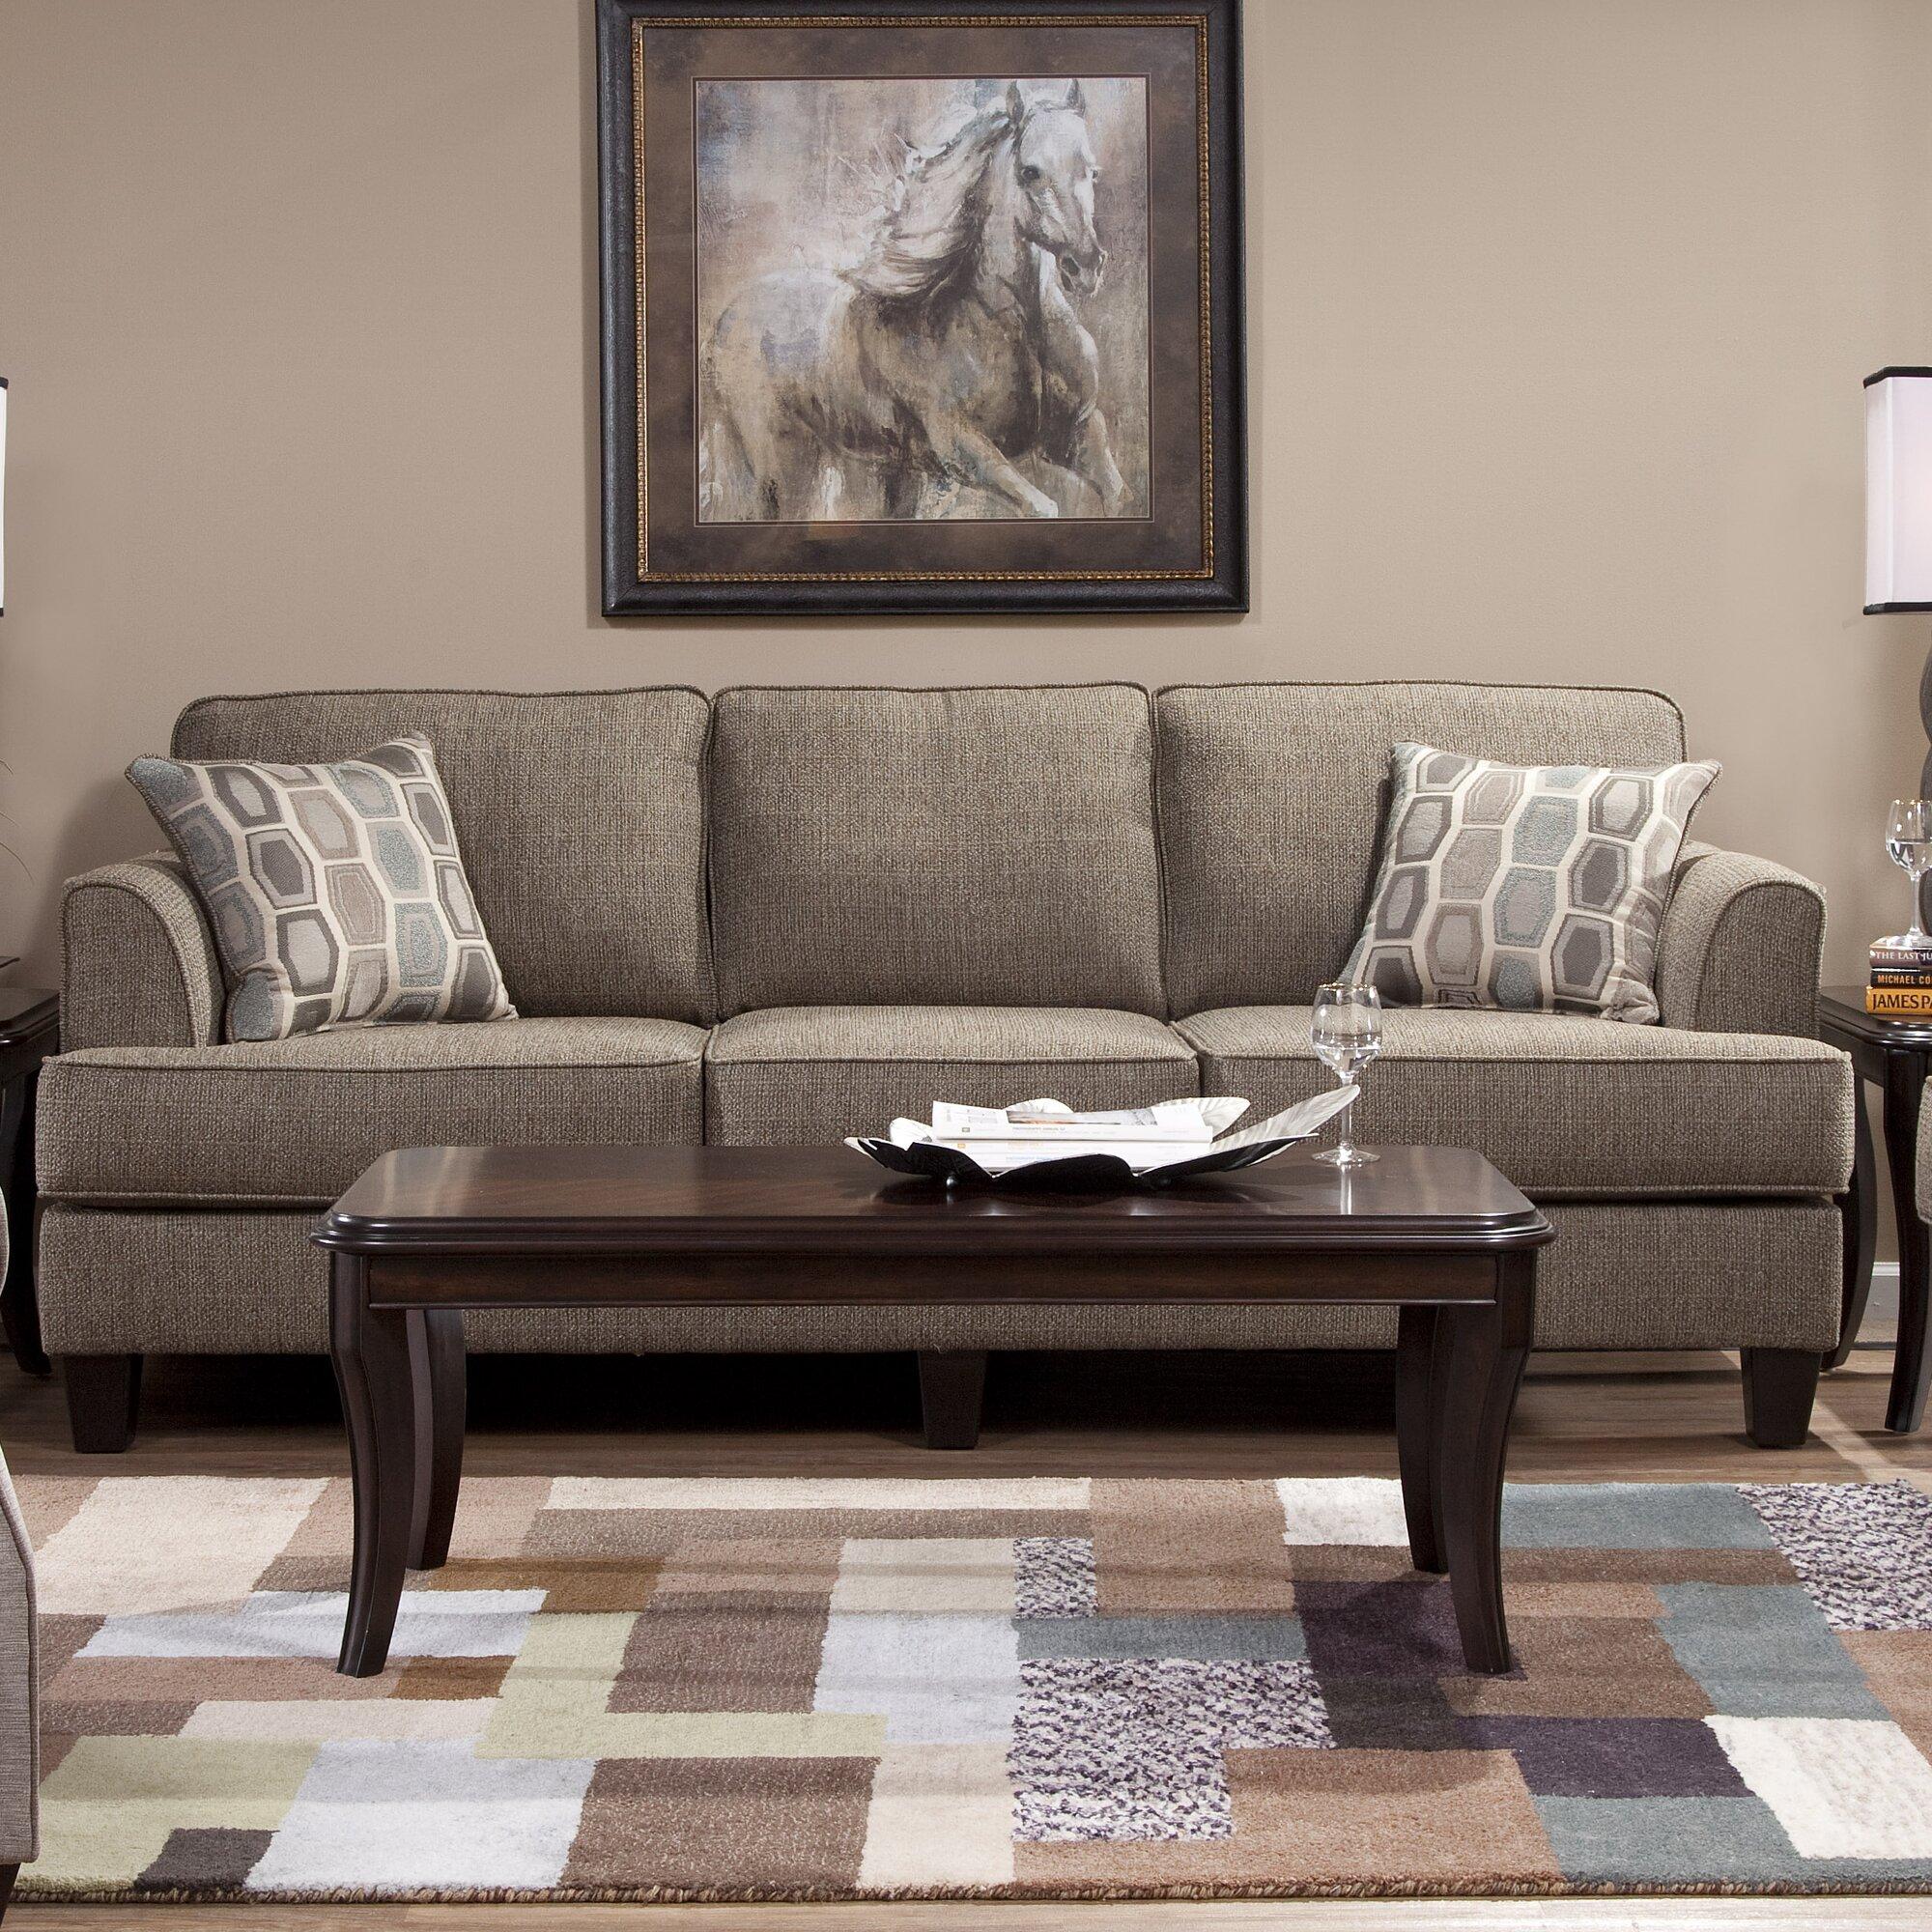 Red Barrel Studio Serta Upholstery Dallas SofaReviewsWayfair